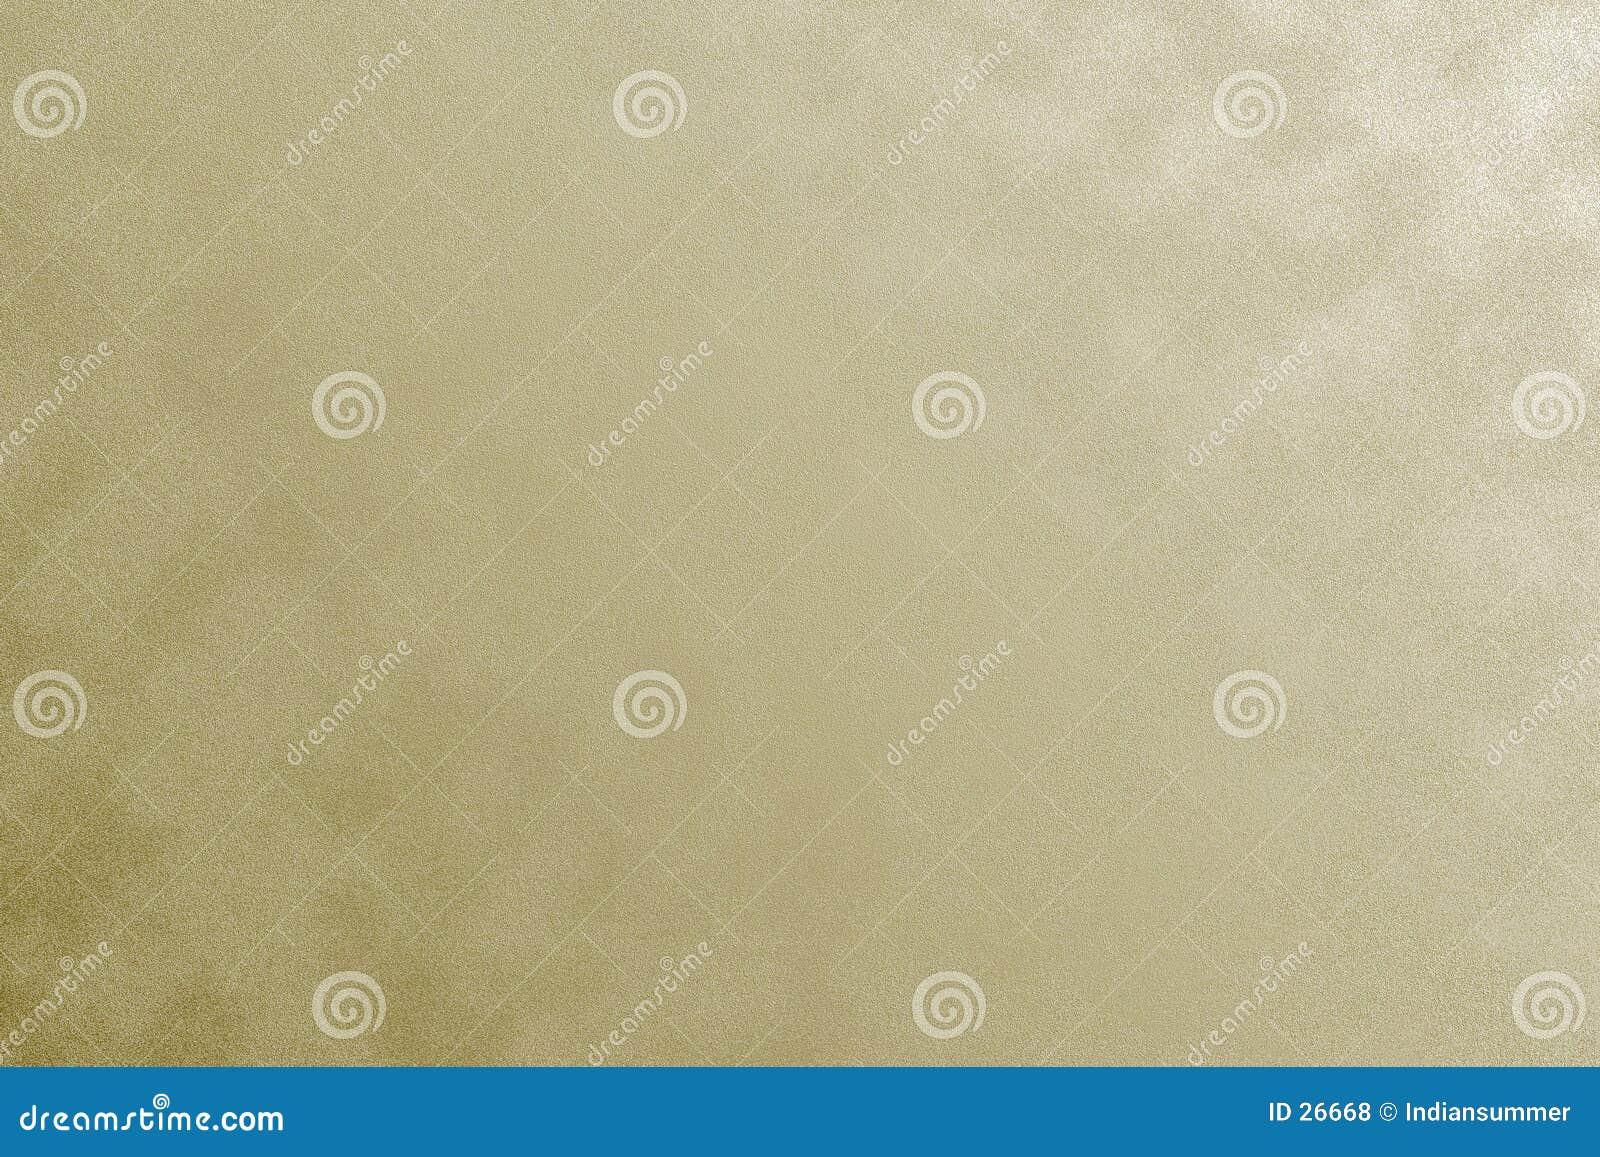 Złoty zraszacz strukturę